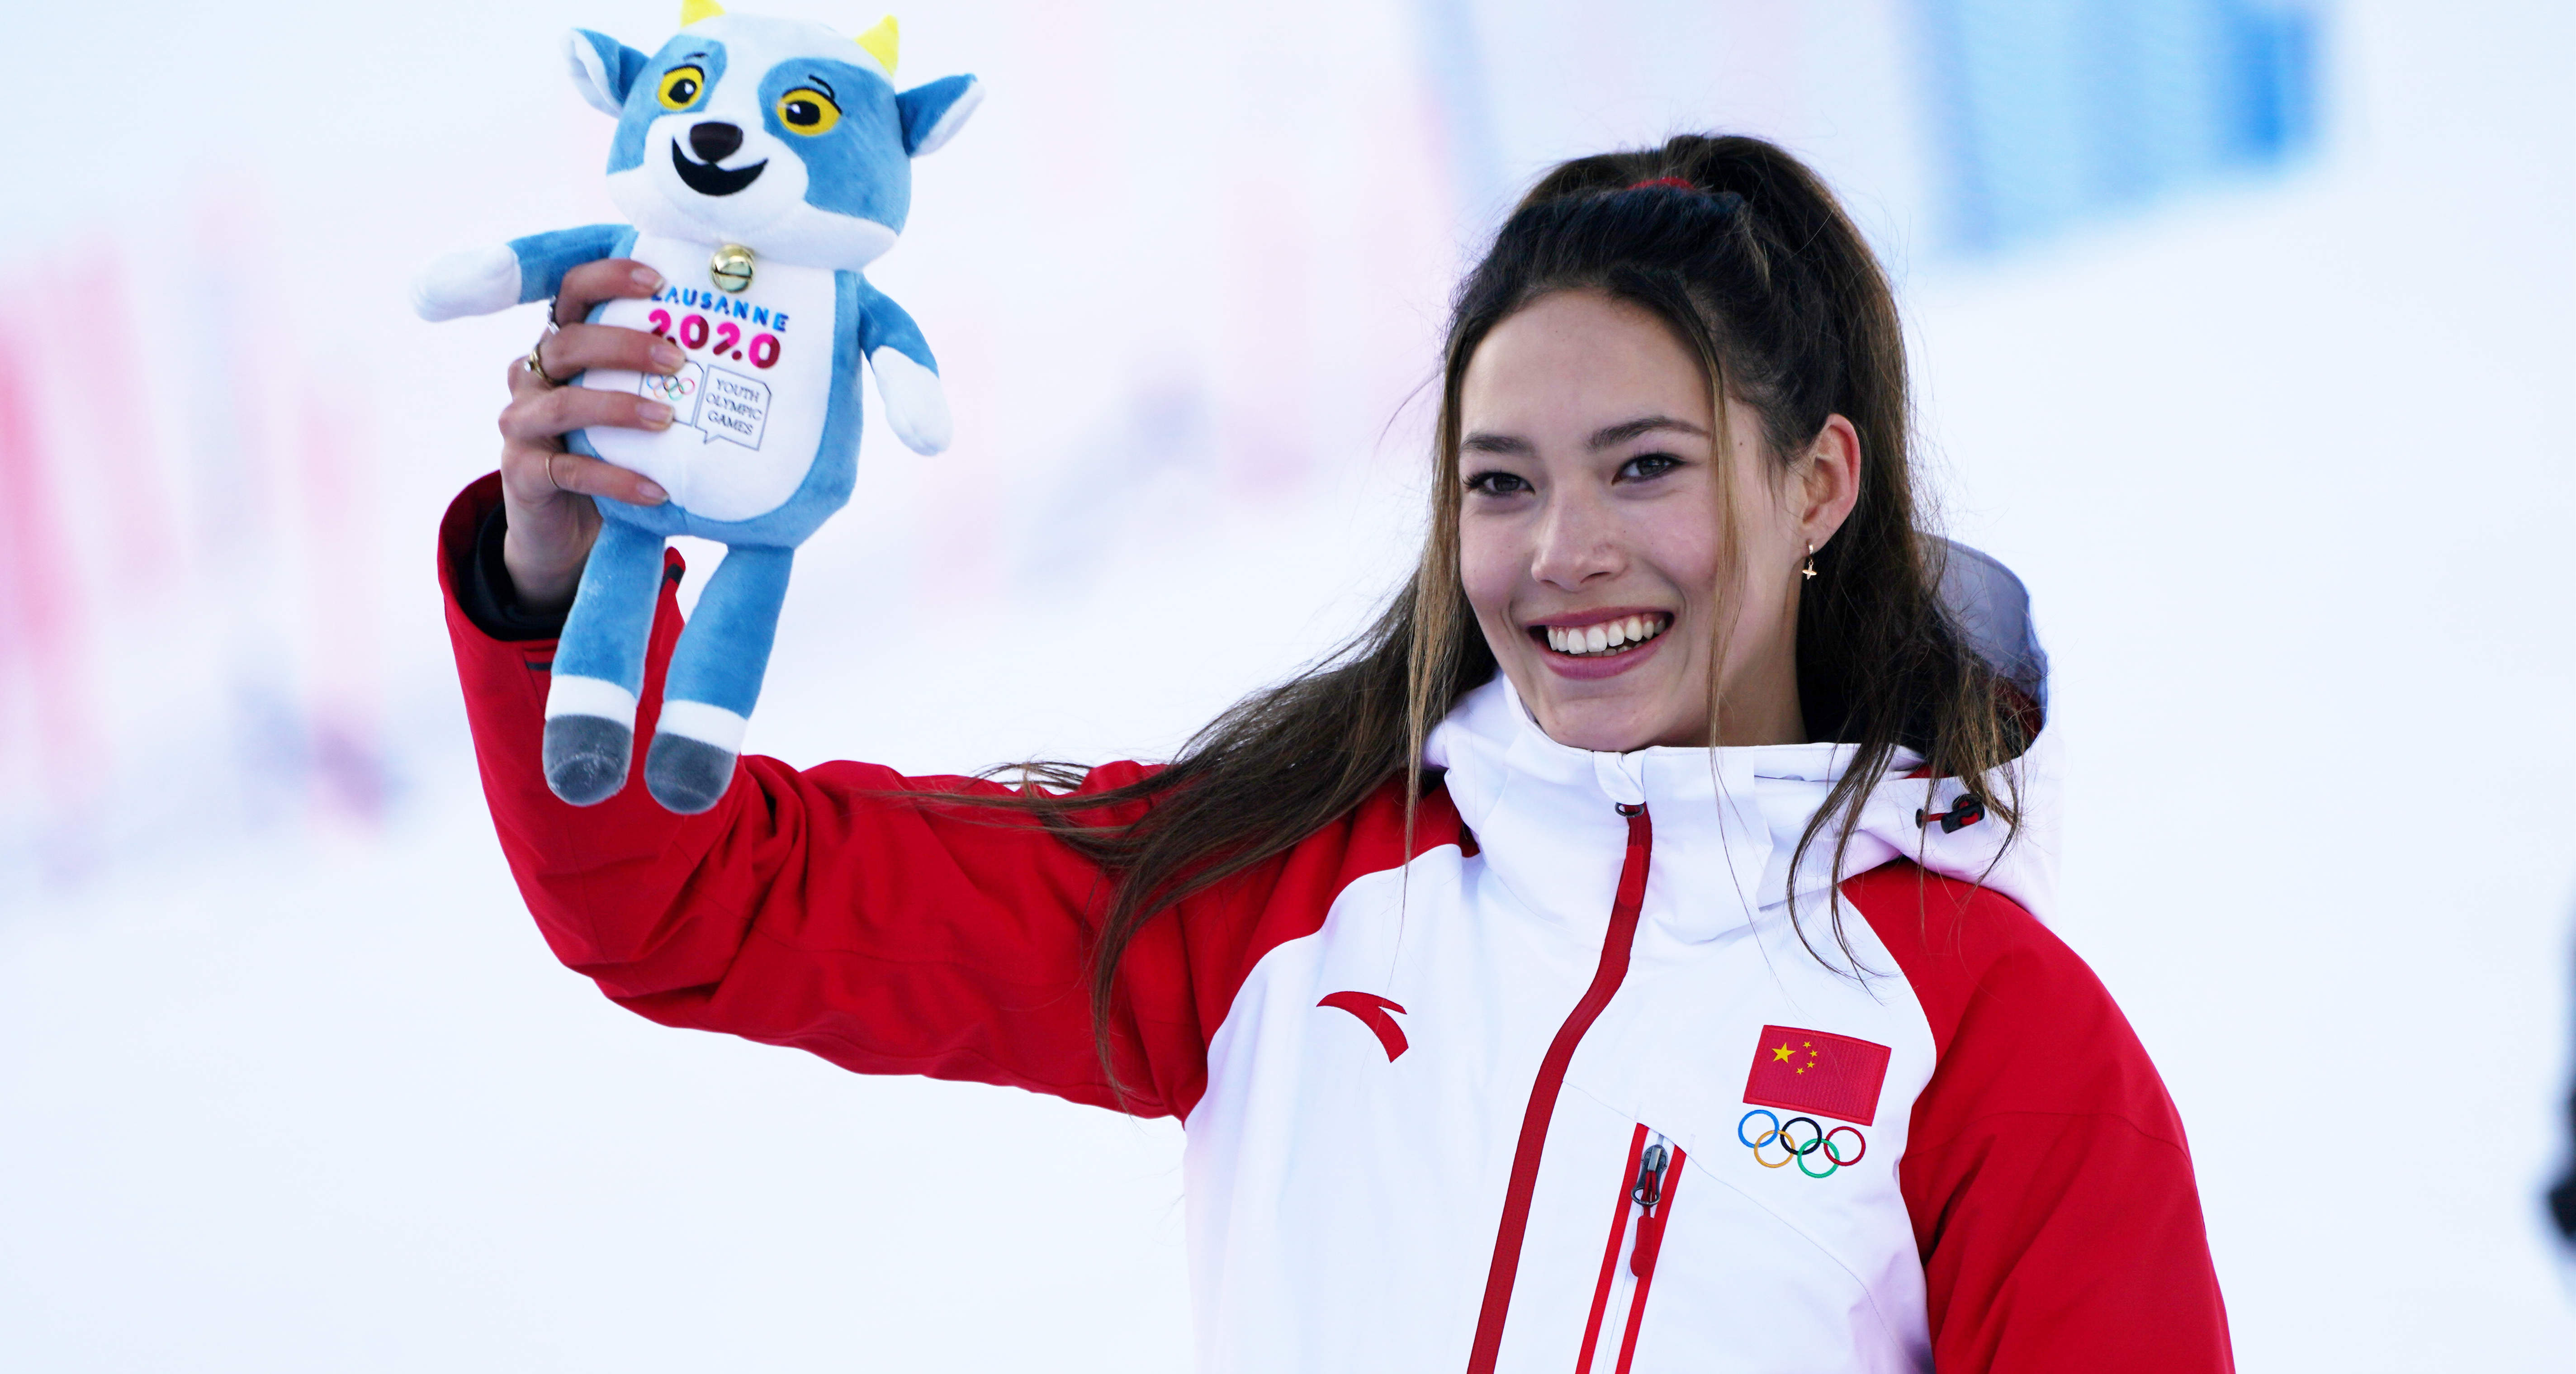 冬青奧會自由式滑雪:谷愛凌獲女子坡面障礙技巧亞軍